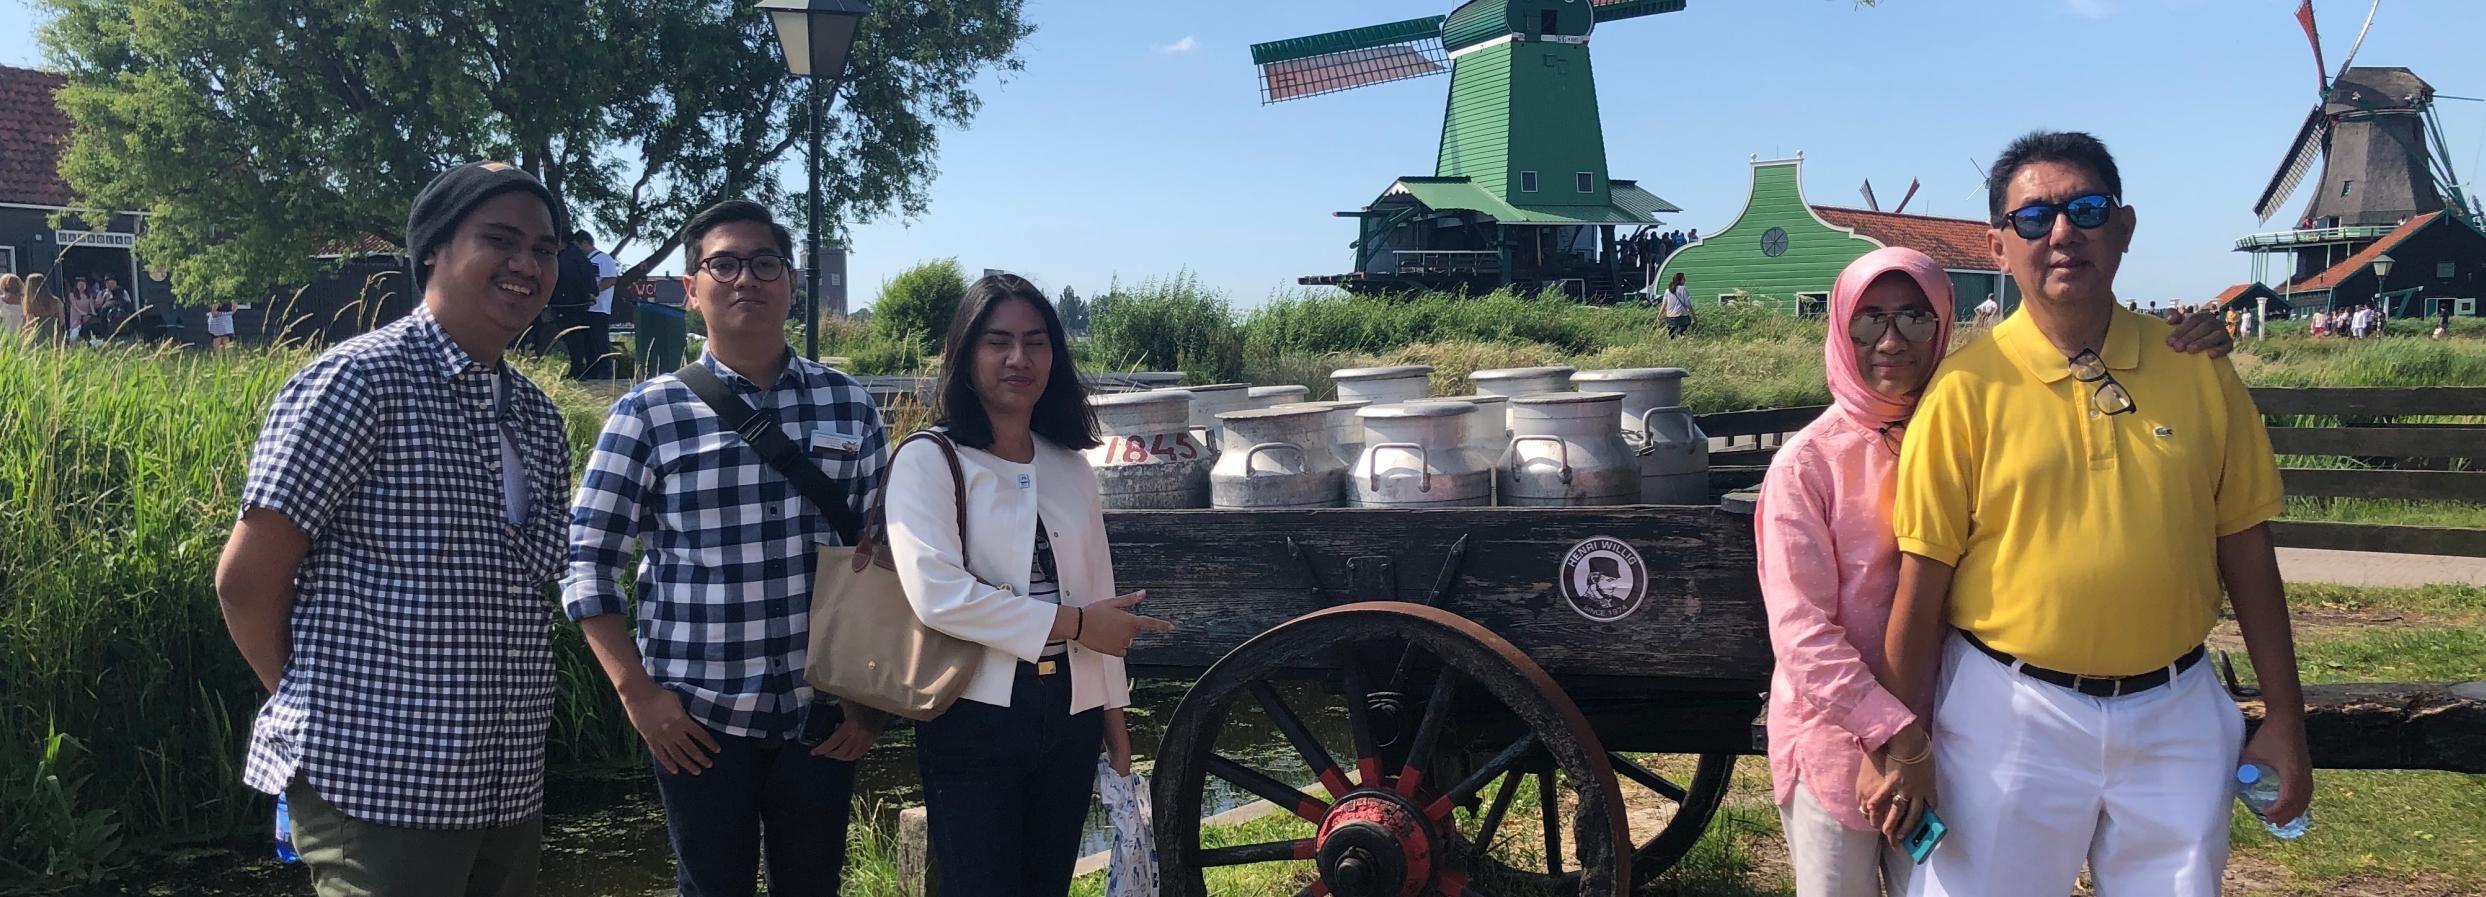 Amsterdam: Zaanse Schans, Edam, Volendam, and Canal Cruise